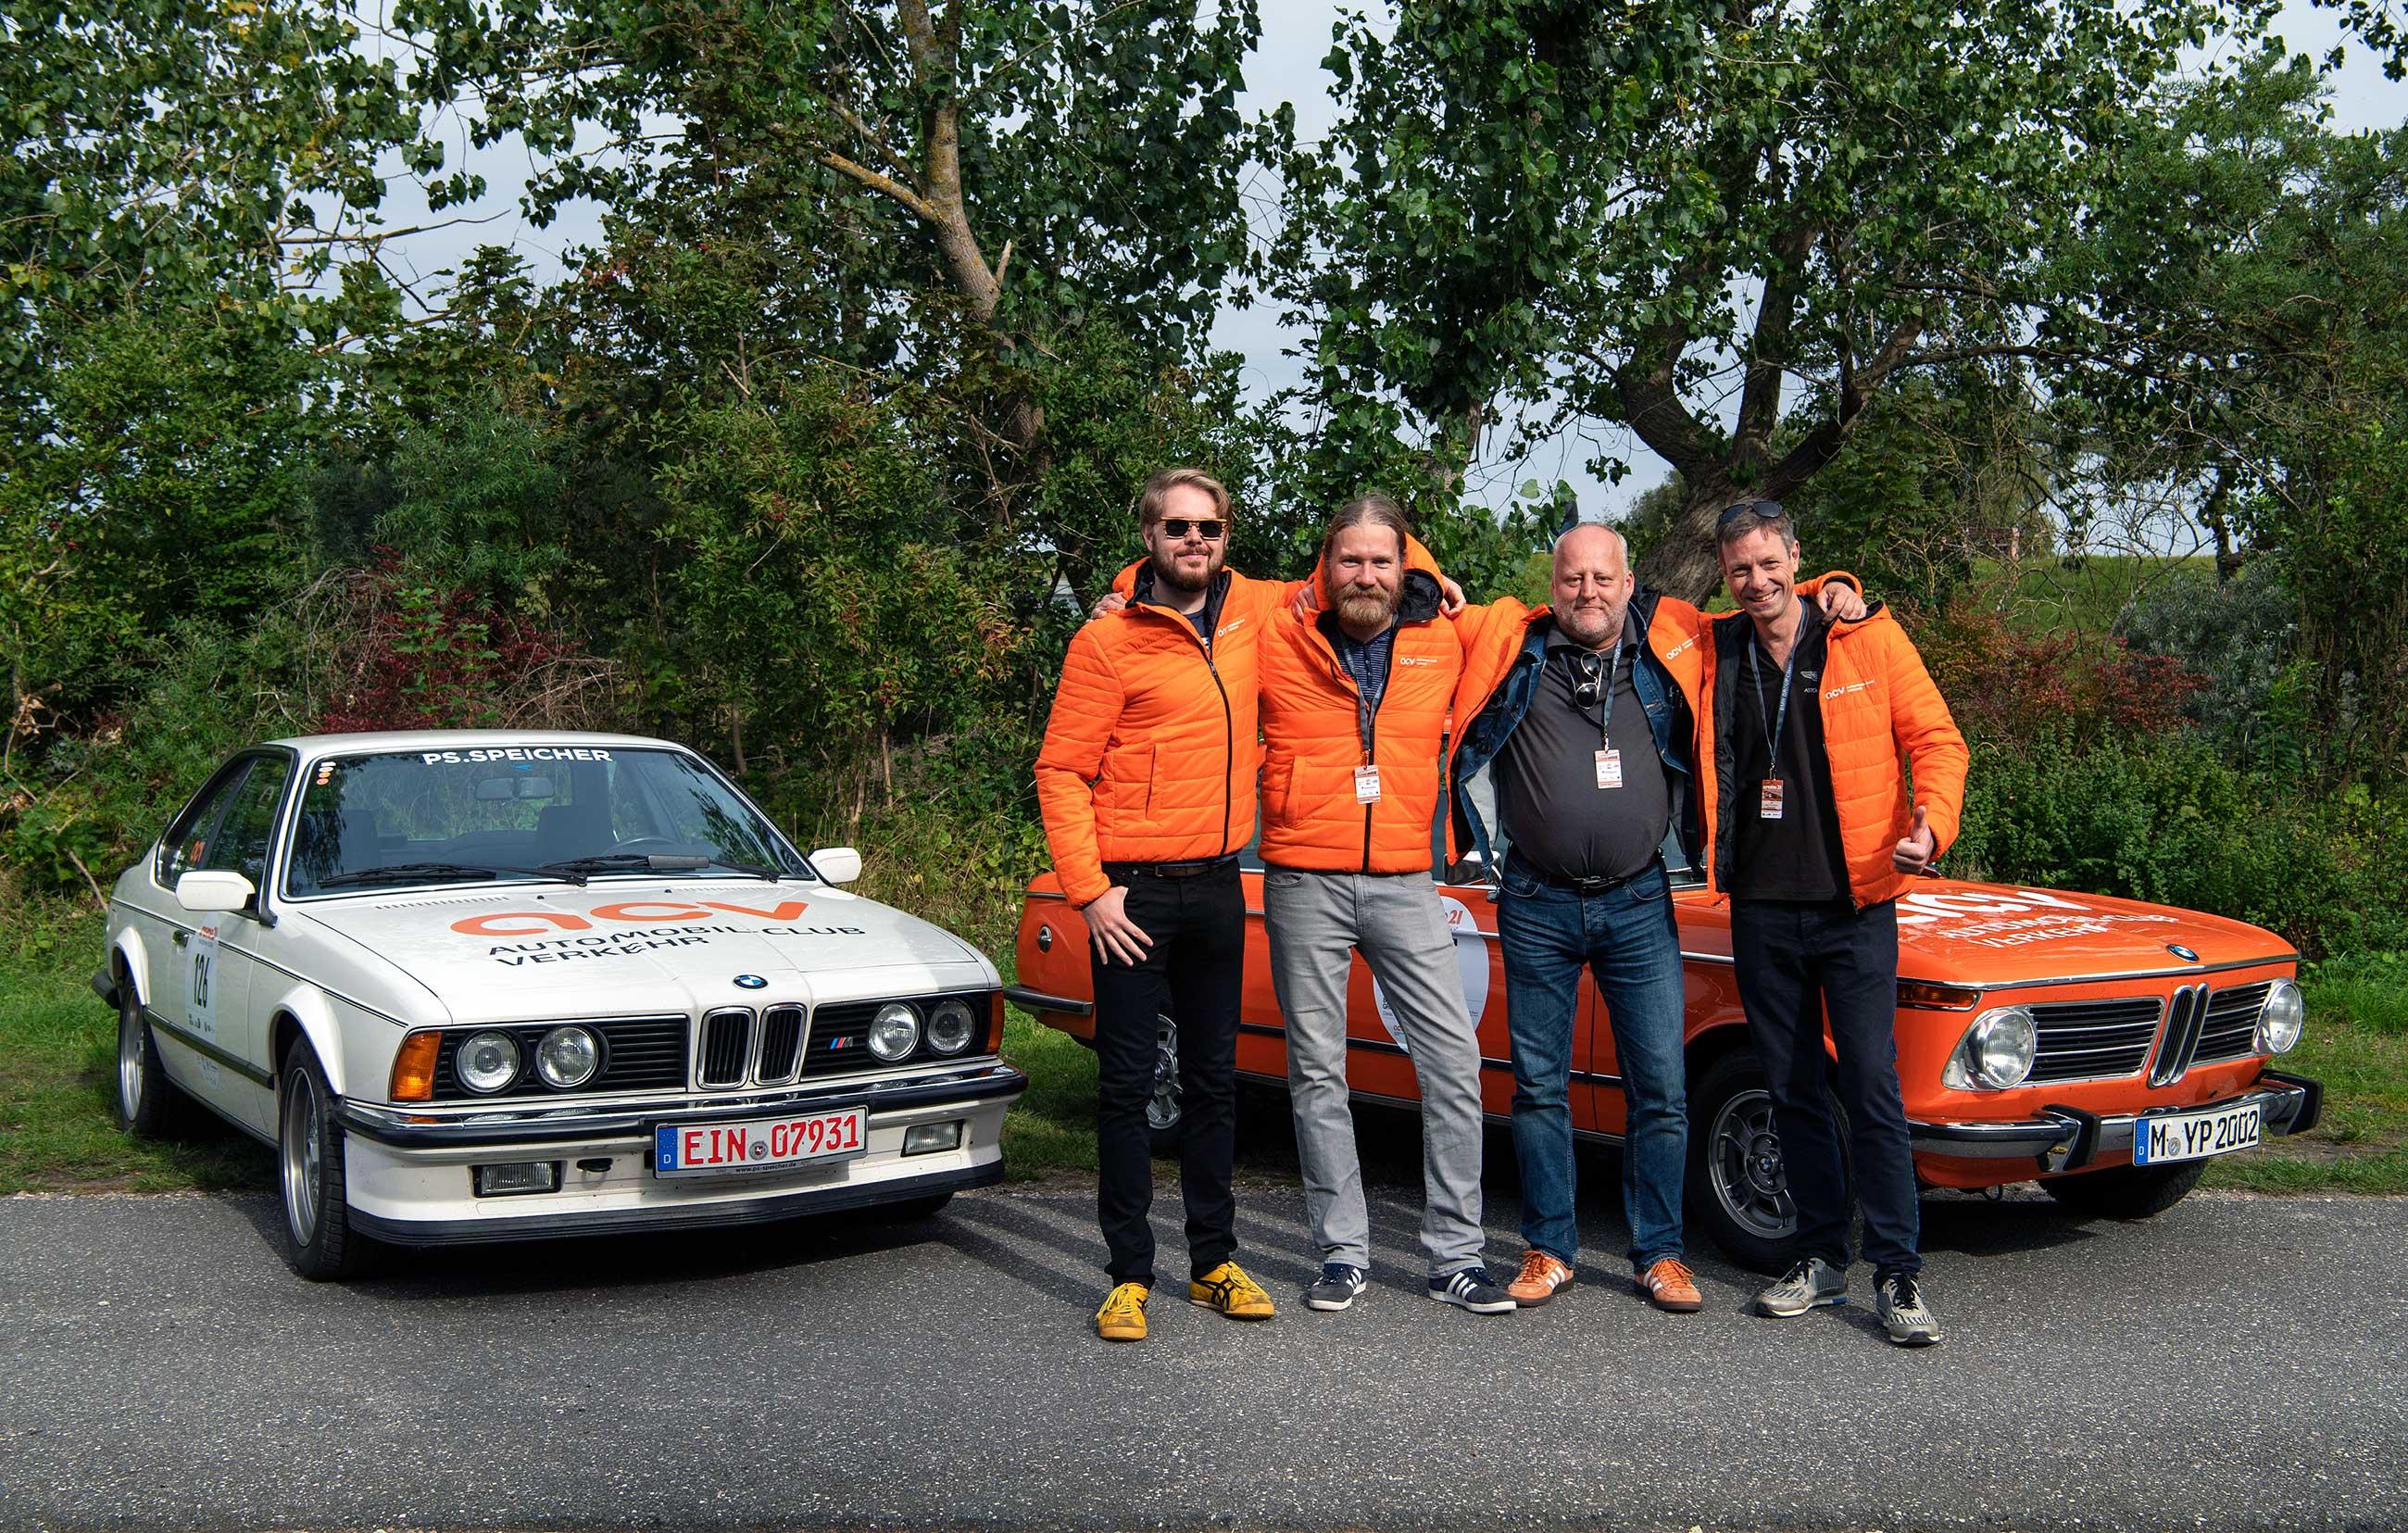 Bericht: Meine Teilnahme an der Creme 21 Youngtimer Rallye 2019 Creme-21-Youngtimer-Rallye-2019_Nachbericht_01